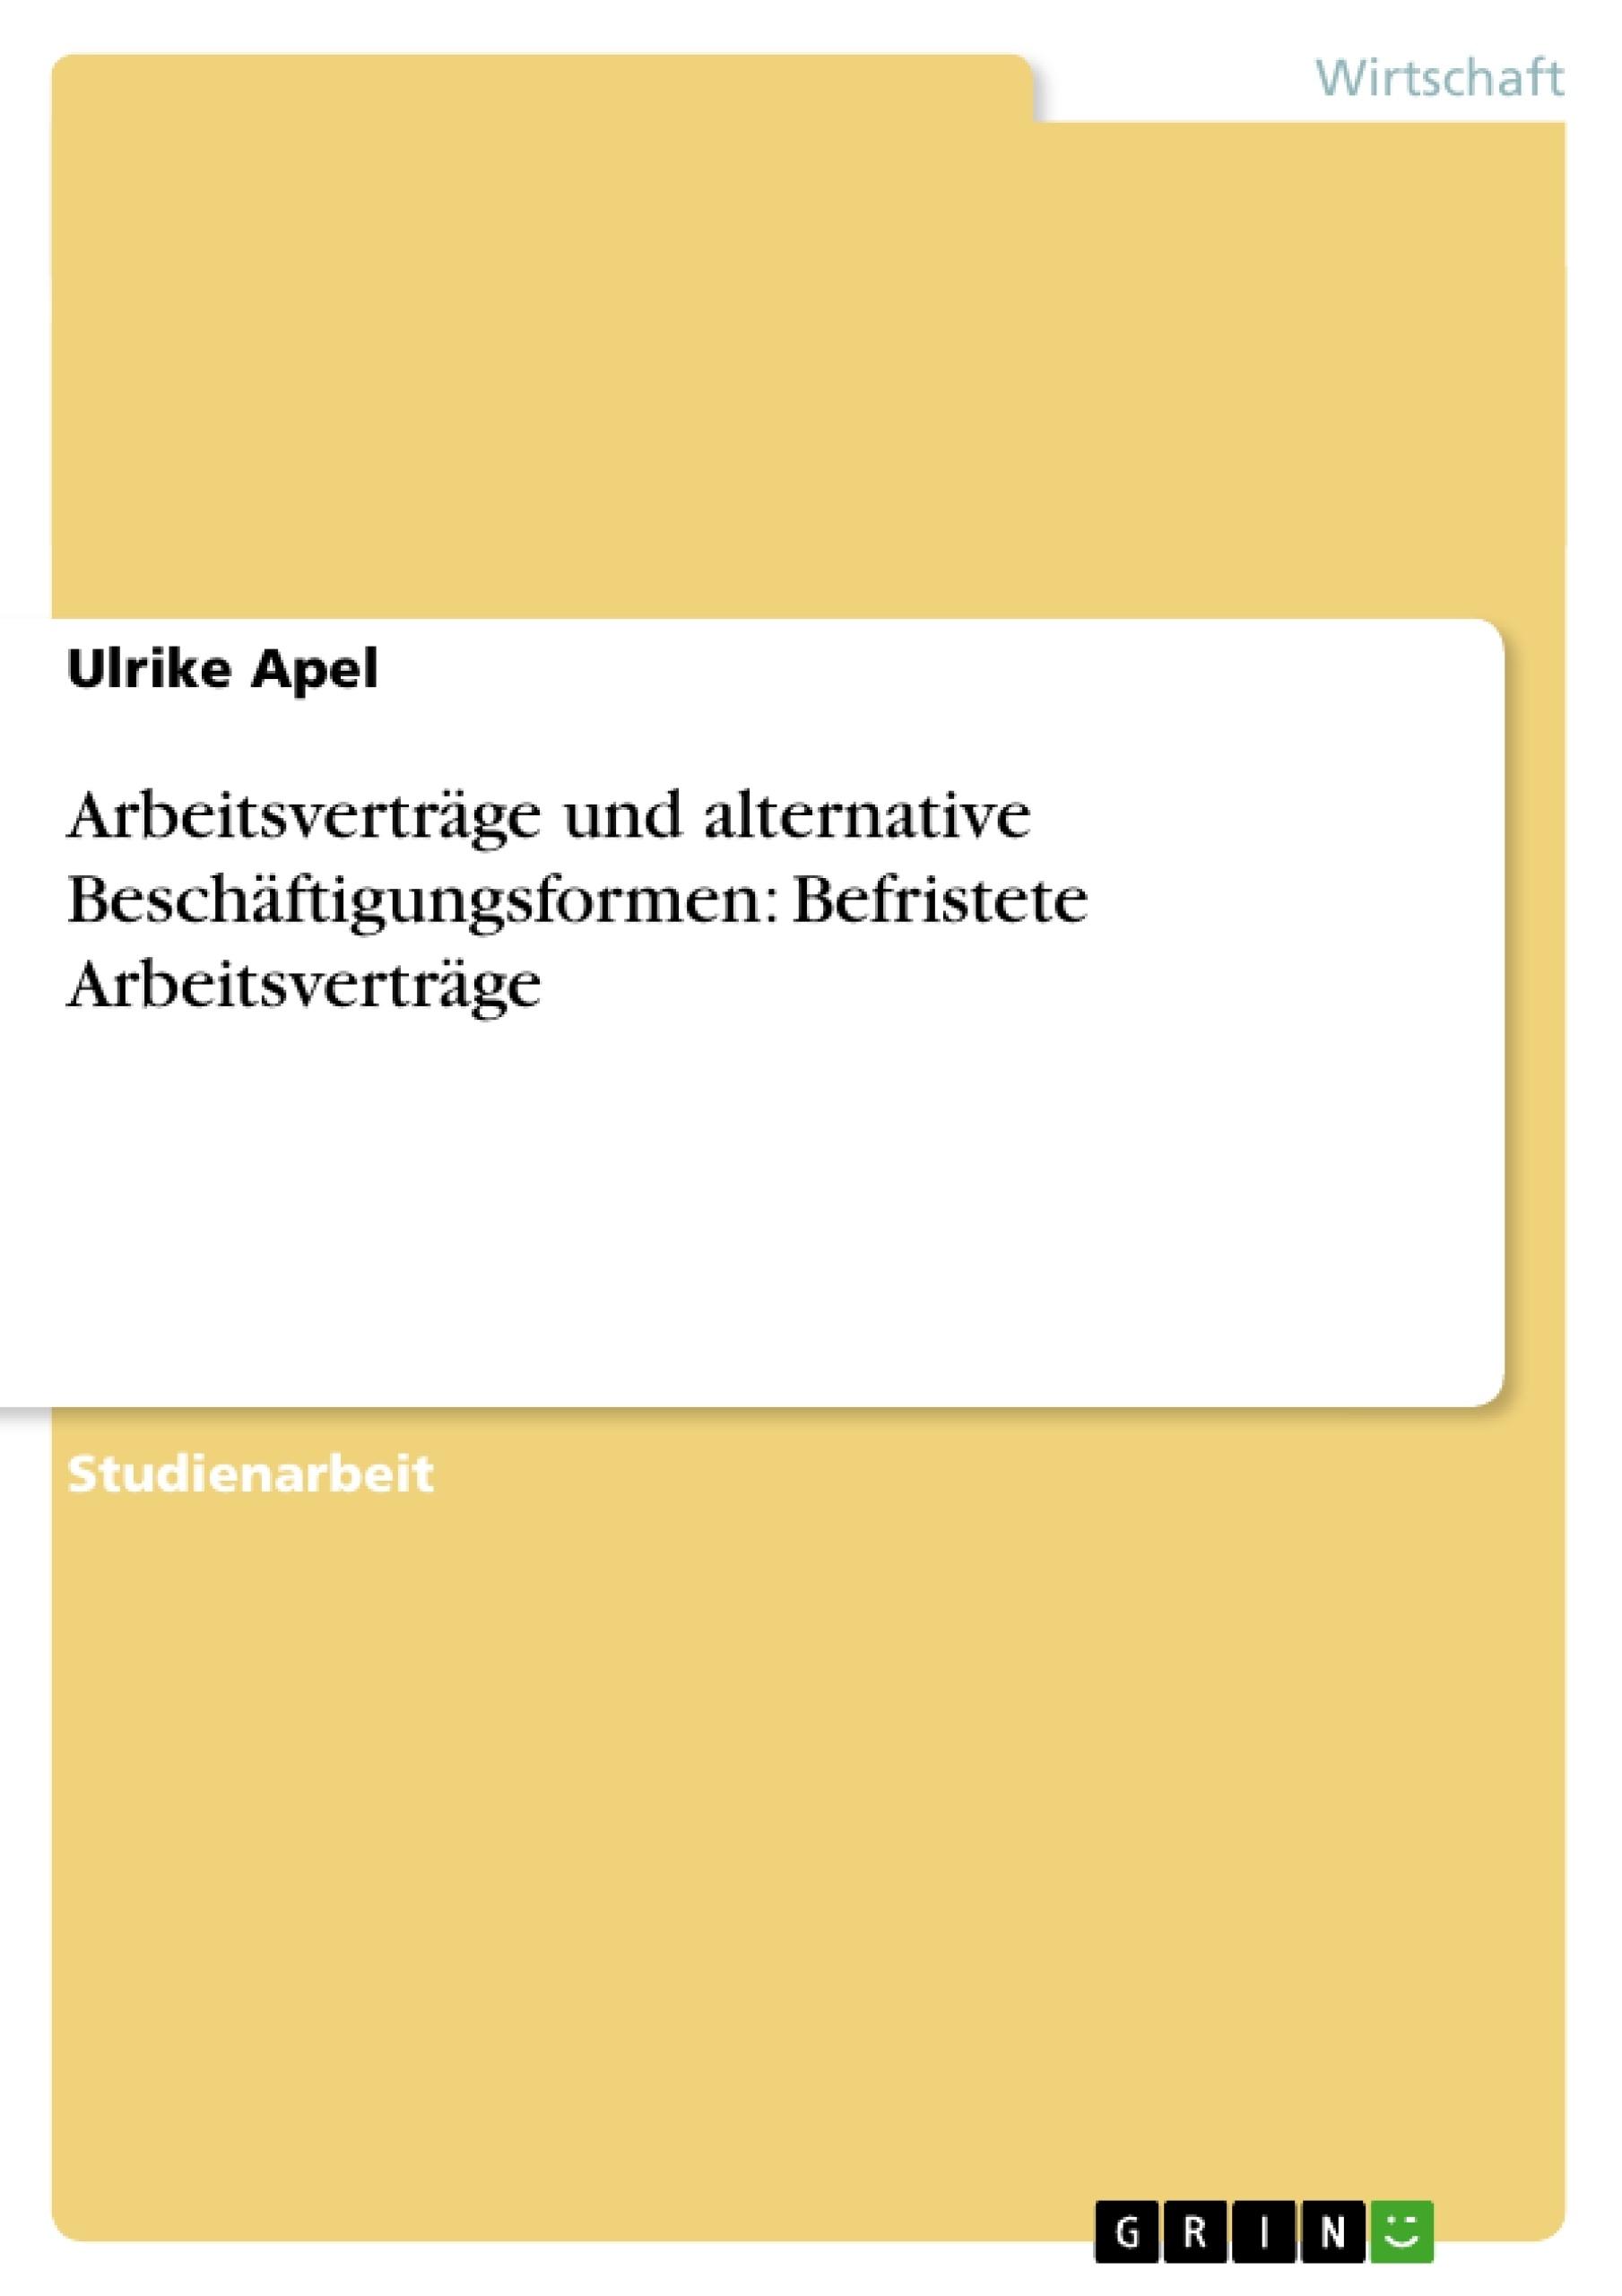 Arbeitsverträge und alternative Beschäftigungsformen: Befristete ...